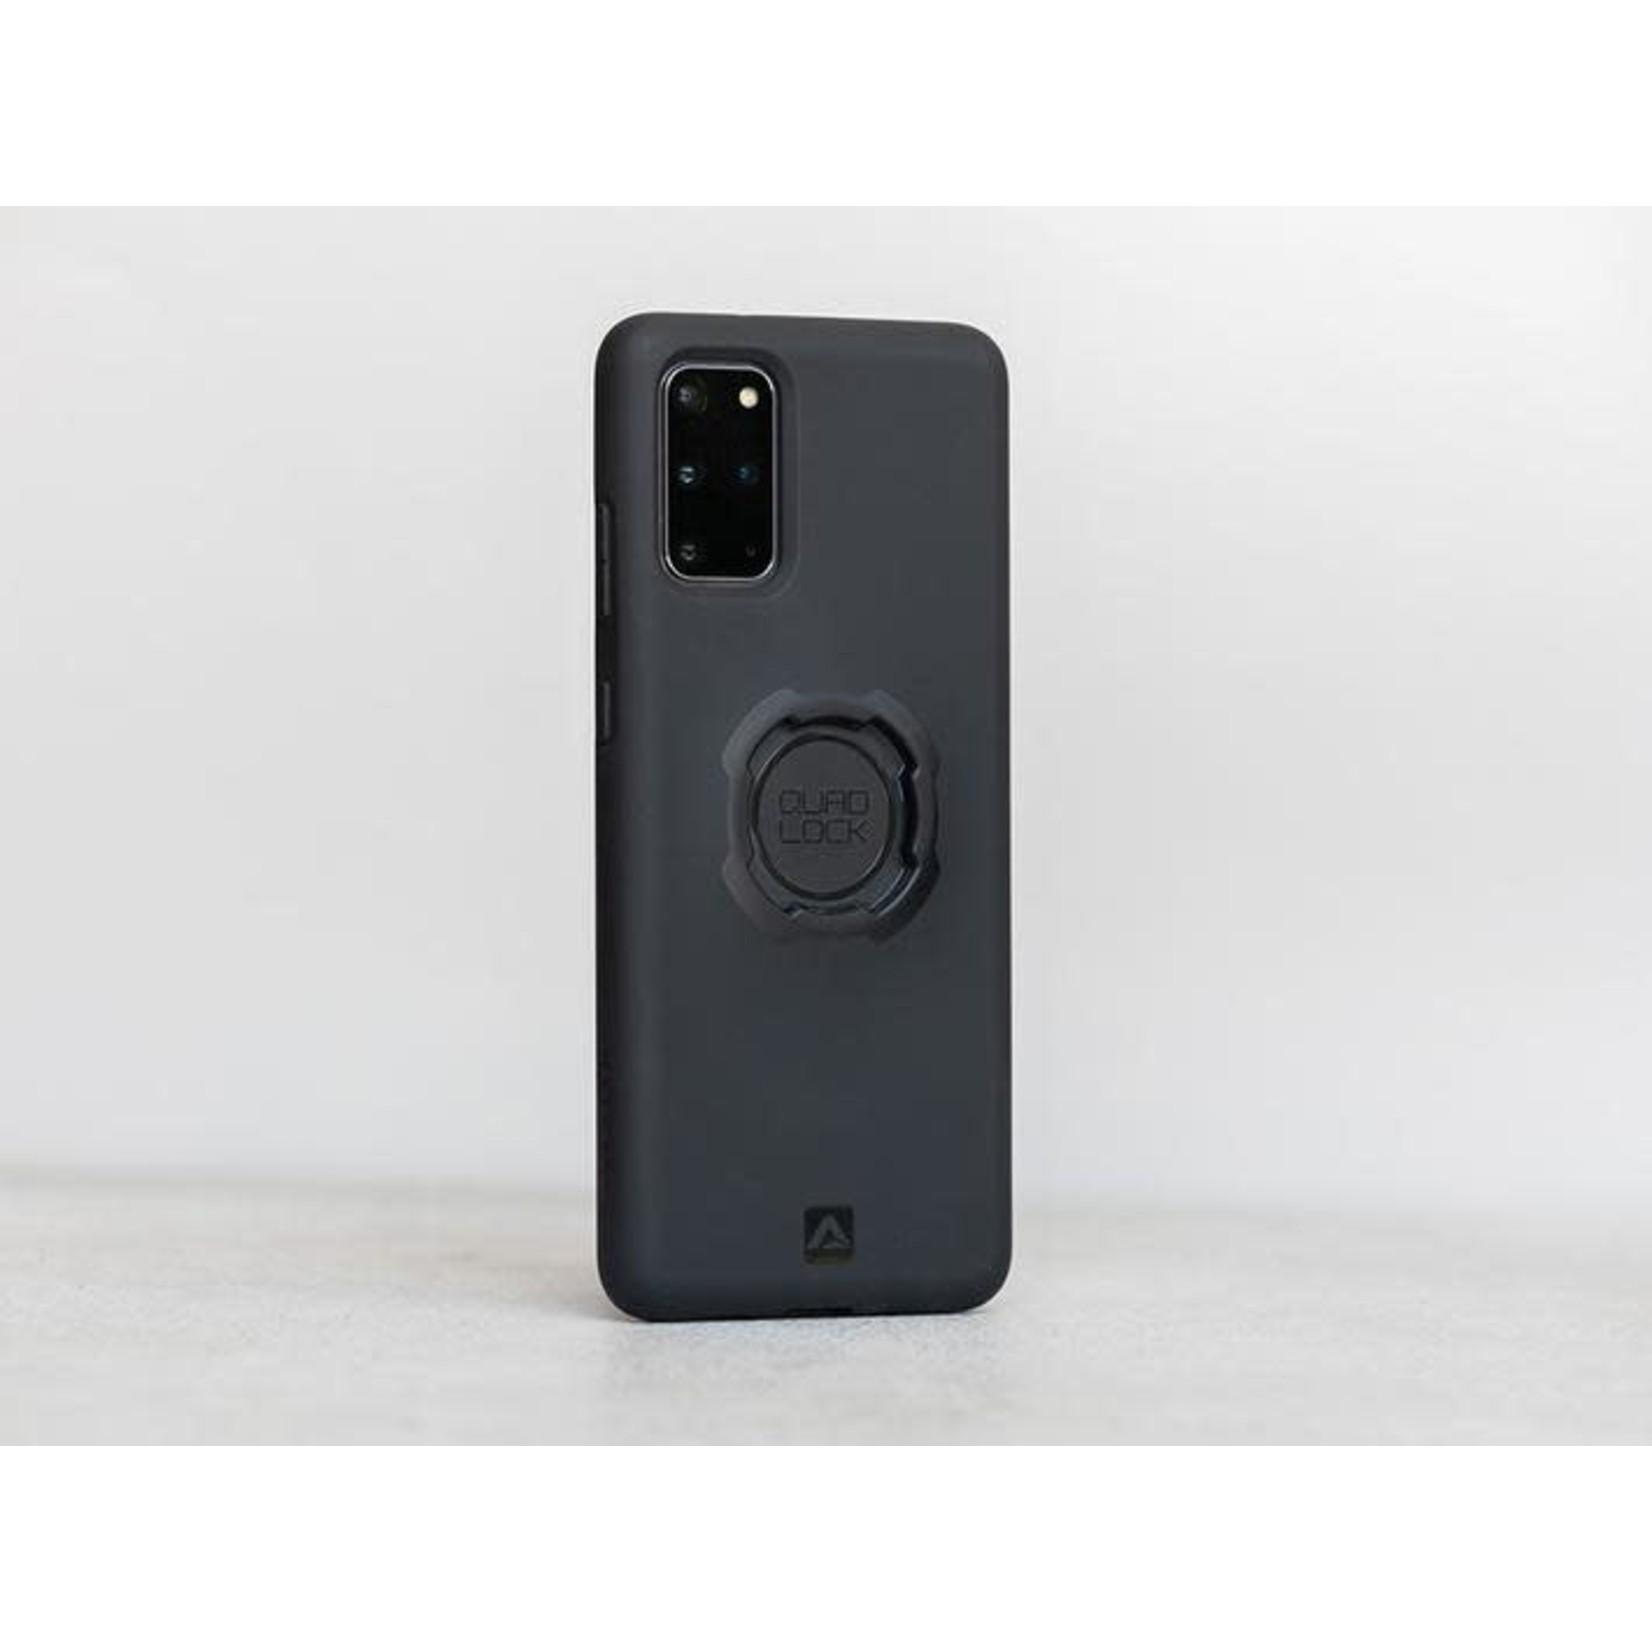 Quad Lock Quad Lock Galaxy S9 Phone Case